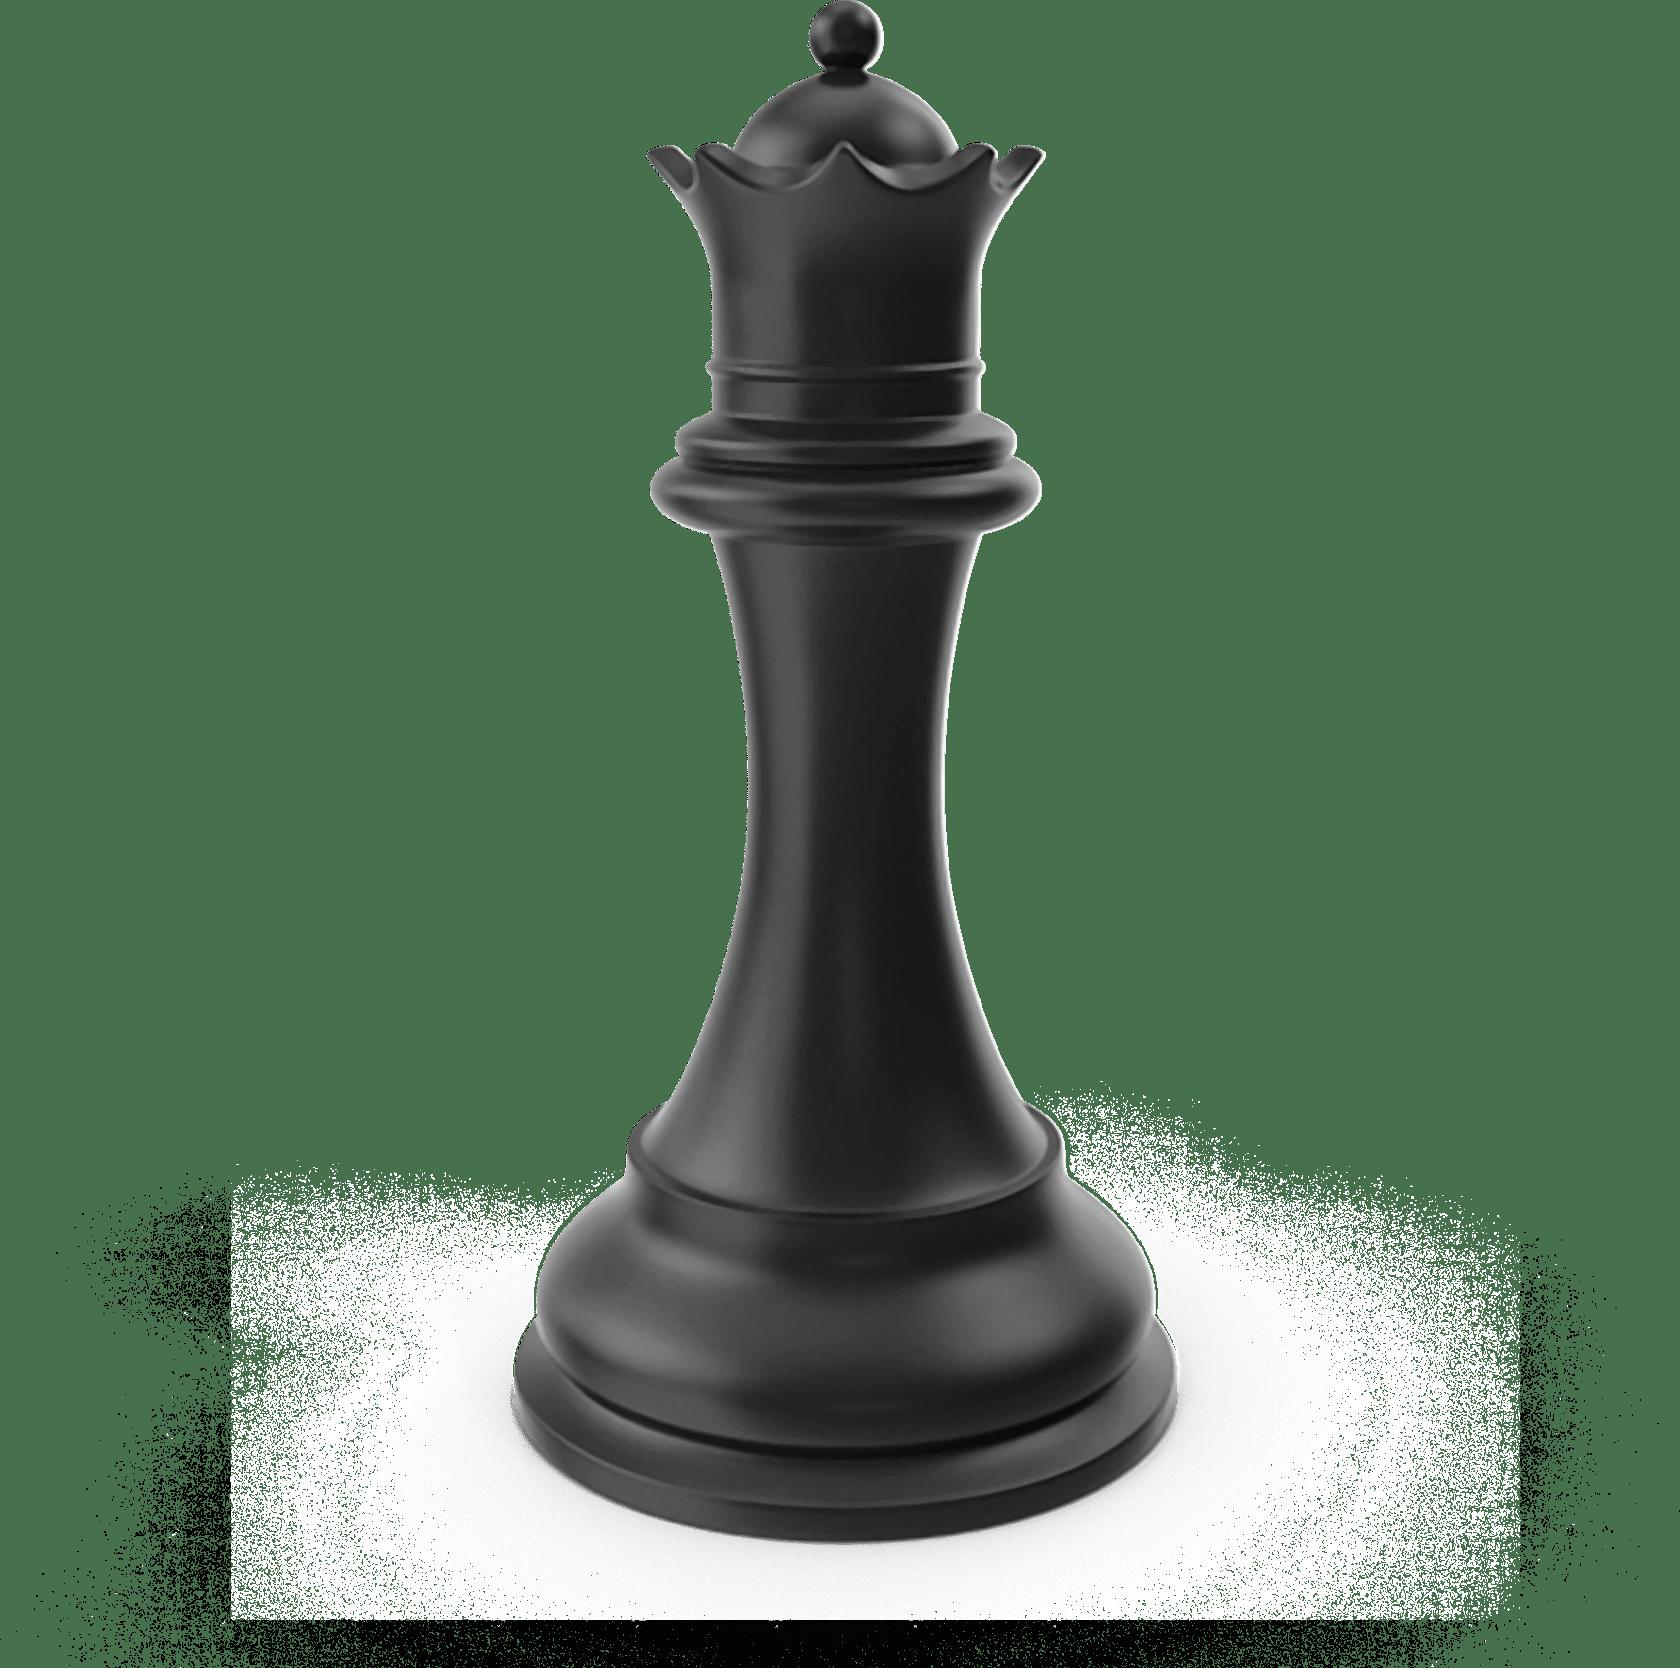 картинки шахматные фигуры ферзь и король